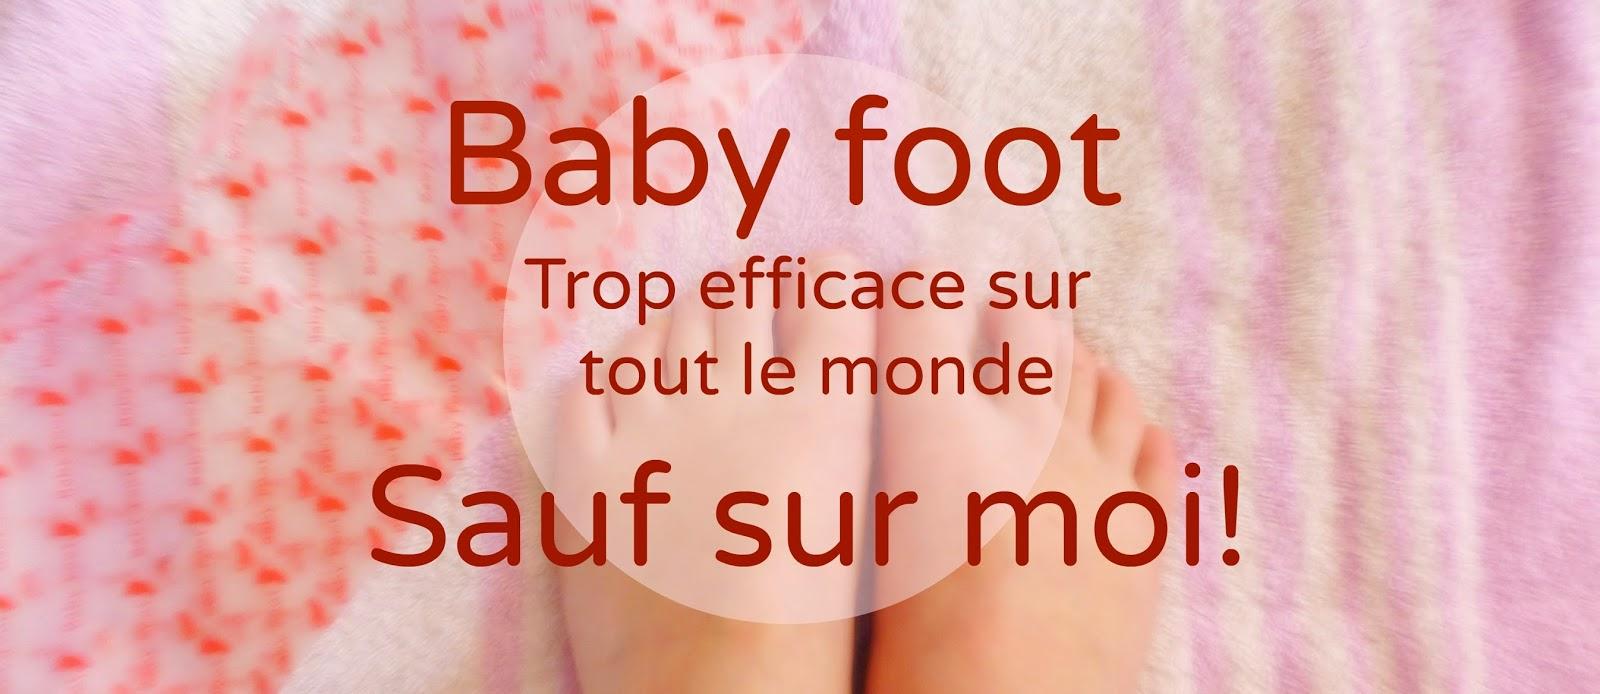 Baby Foot, les chaussettes qui vous font des pieds de bébés... mais pas à moi!